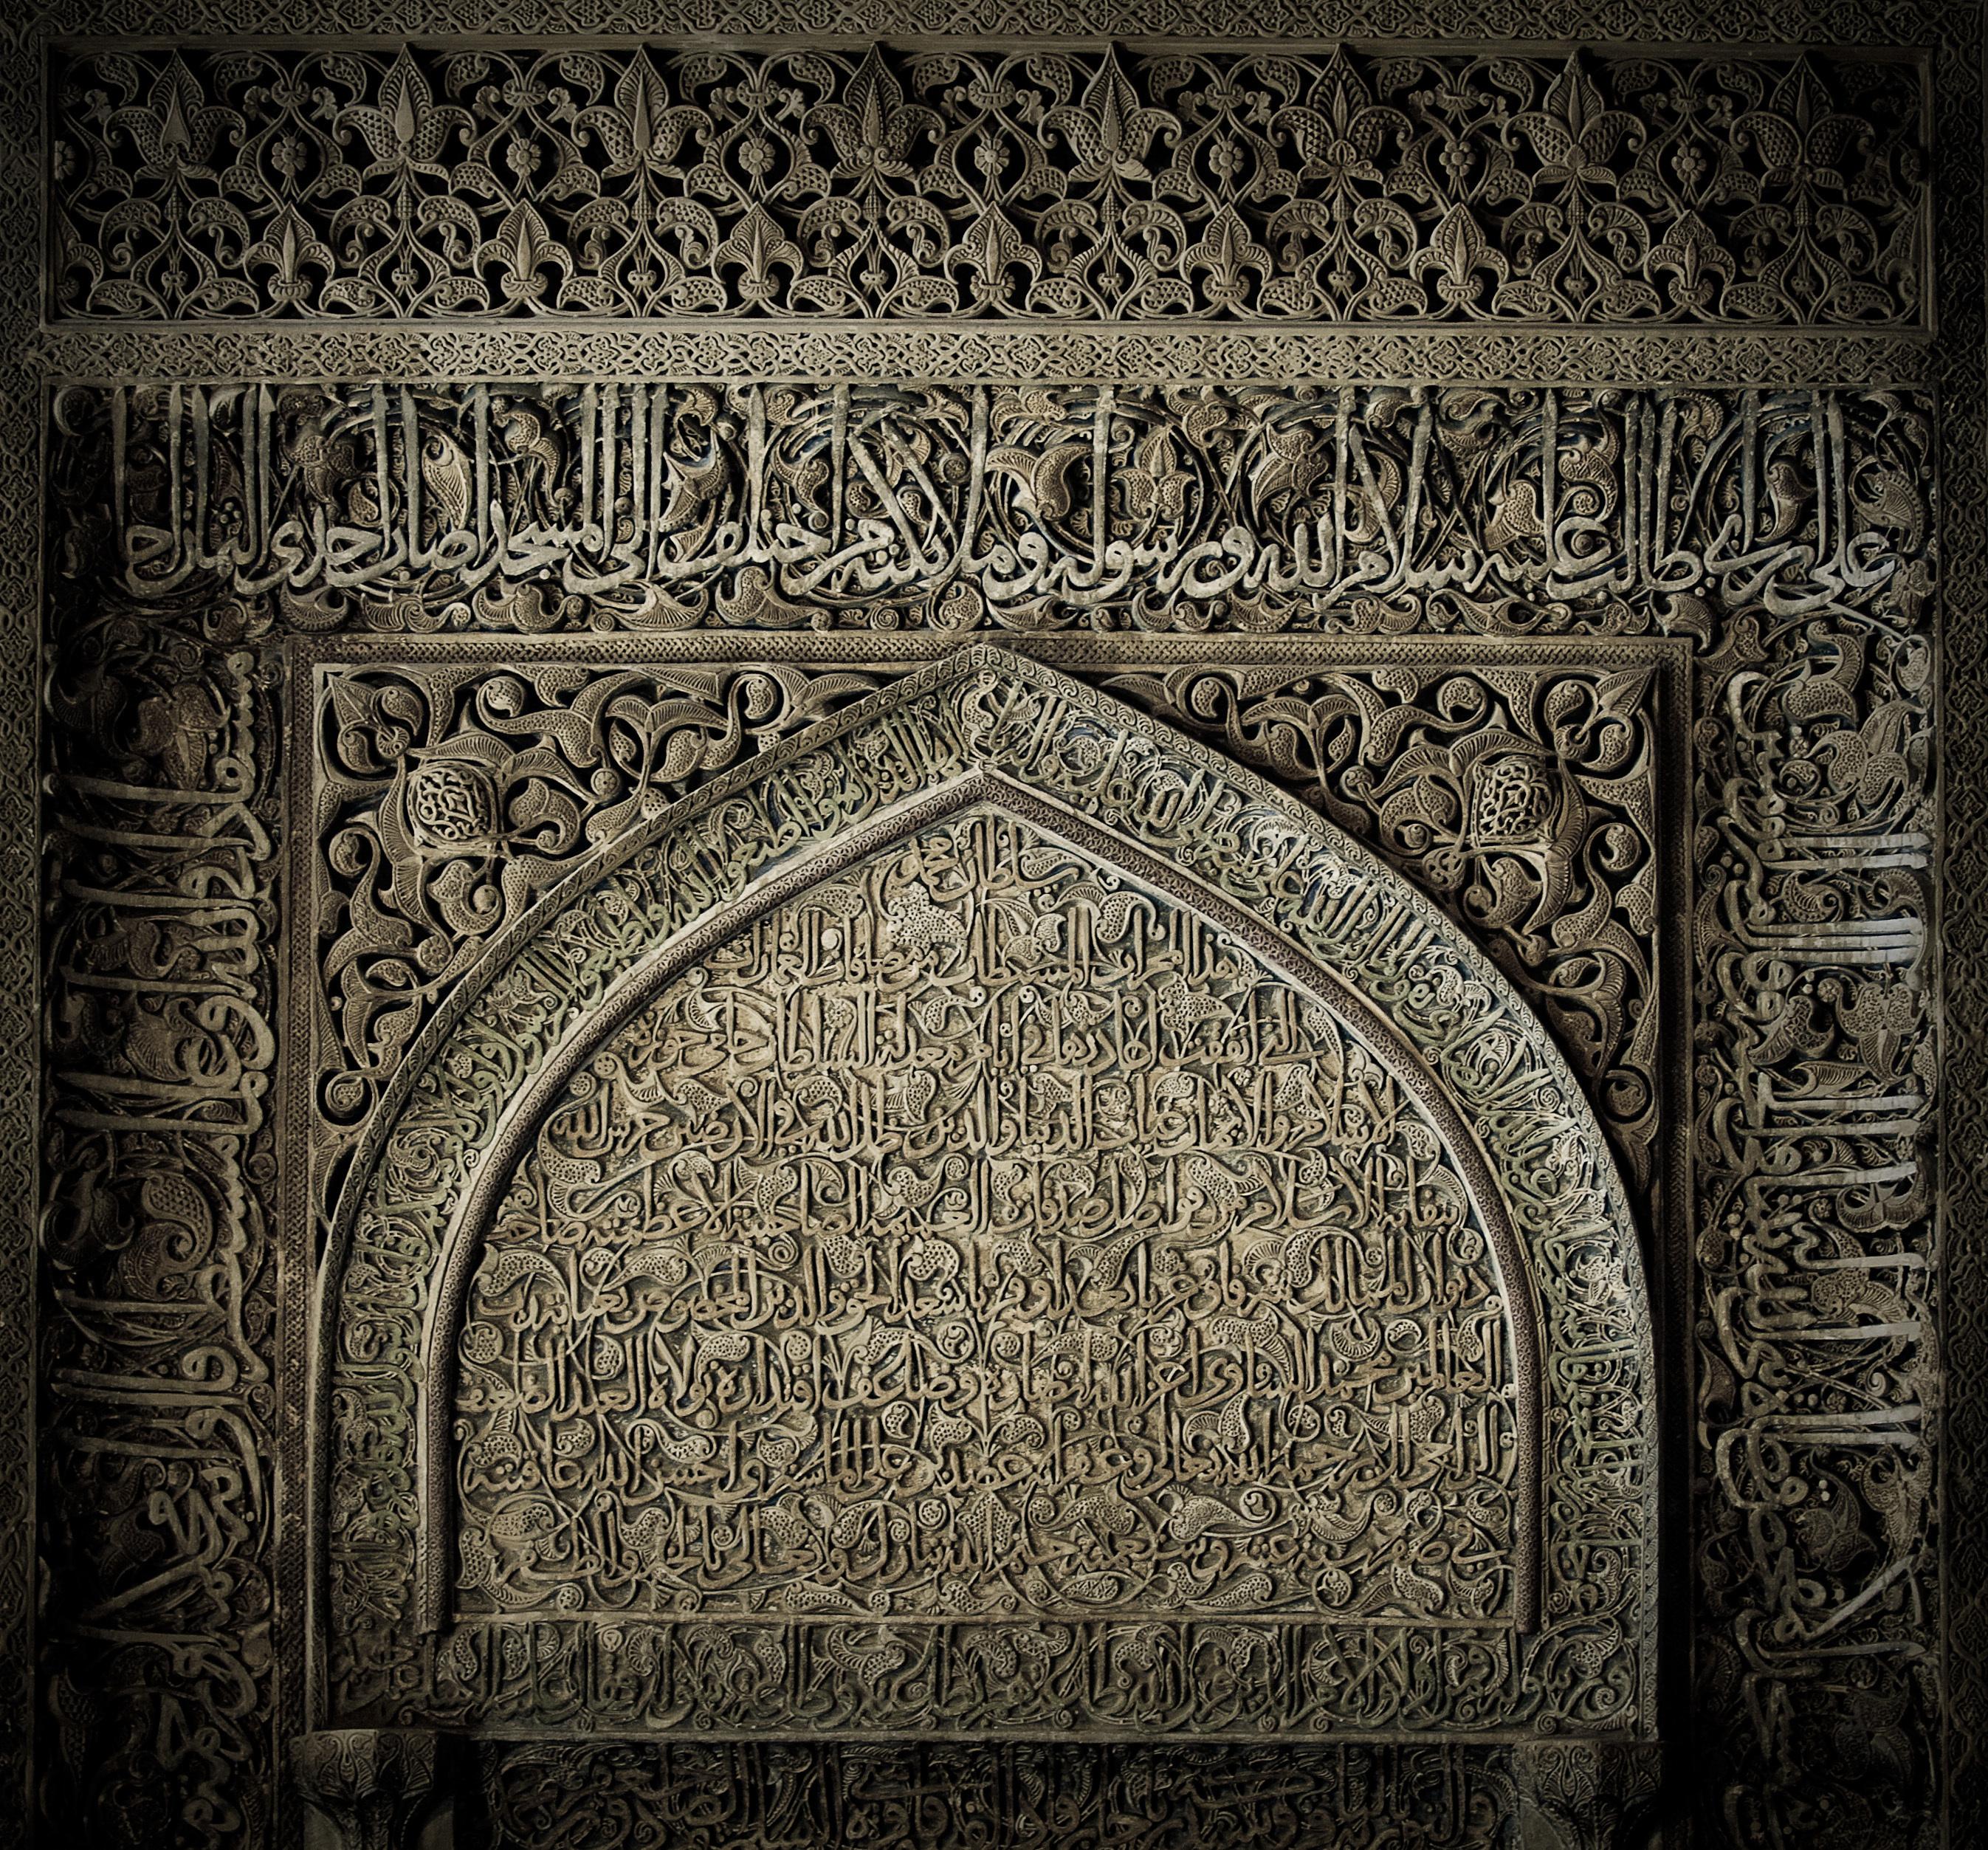 İslam Siyaset Düşüncesi Araştırmacılarına Yeni Bir Çerçeve